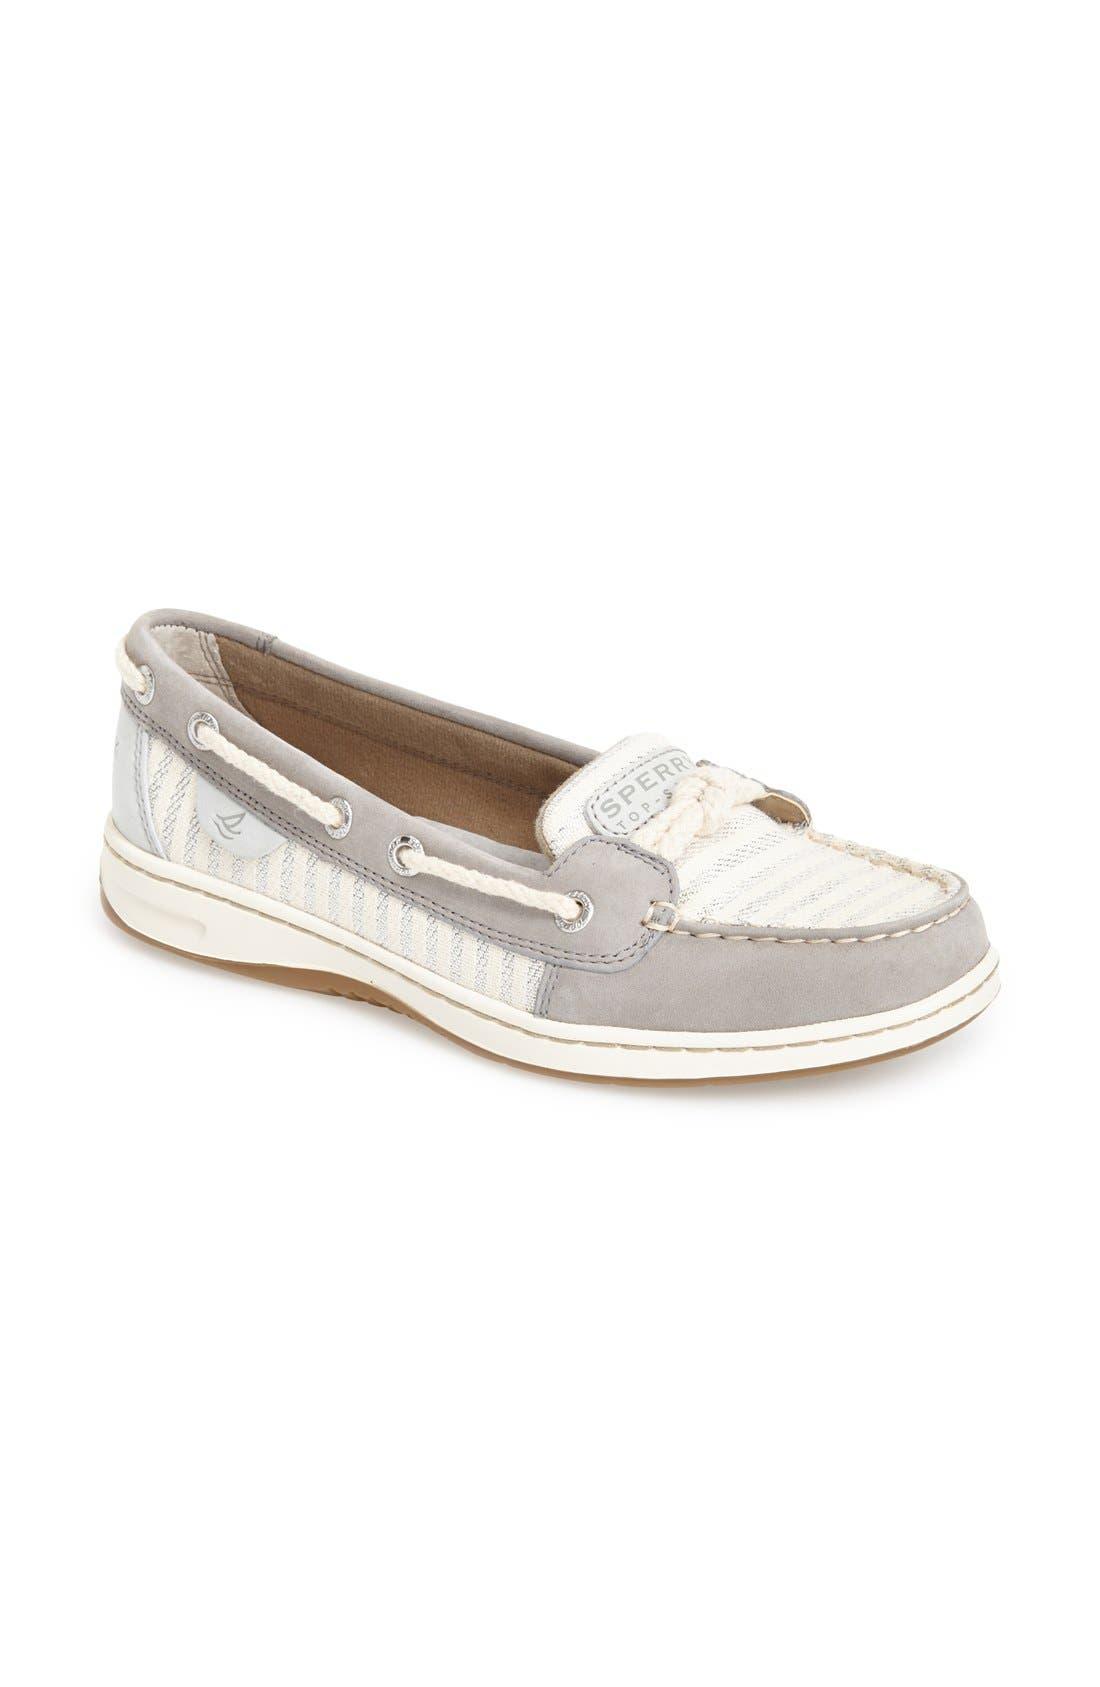 Main Image - Sperry 'Cherubfish - Mariner Stripe' Boat Shoe (Women)